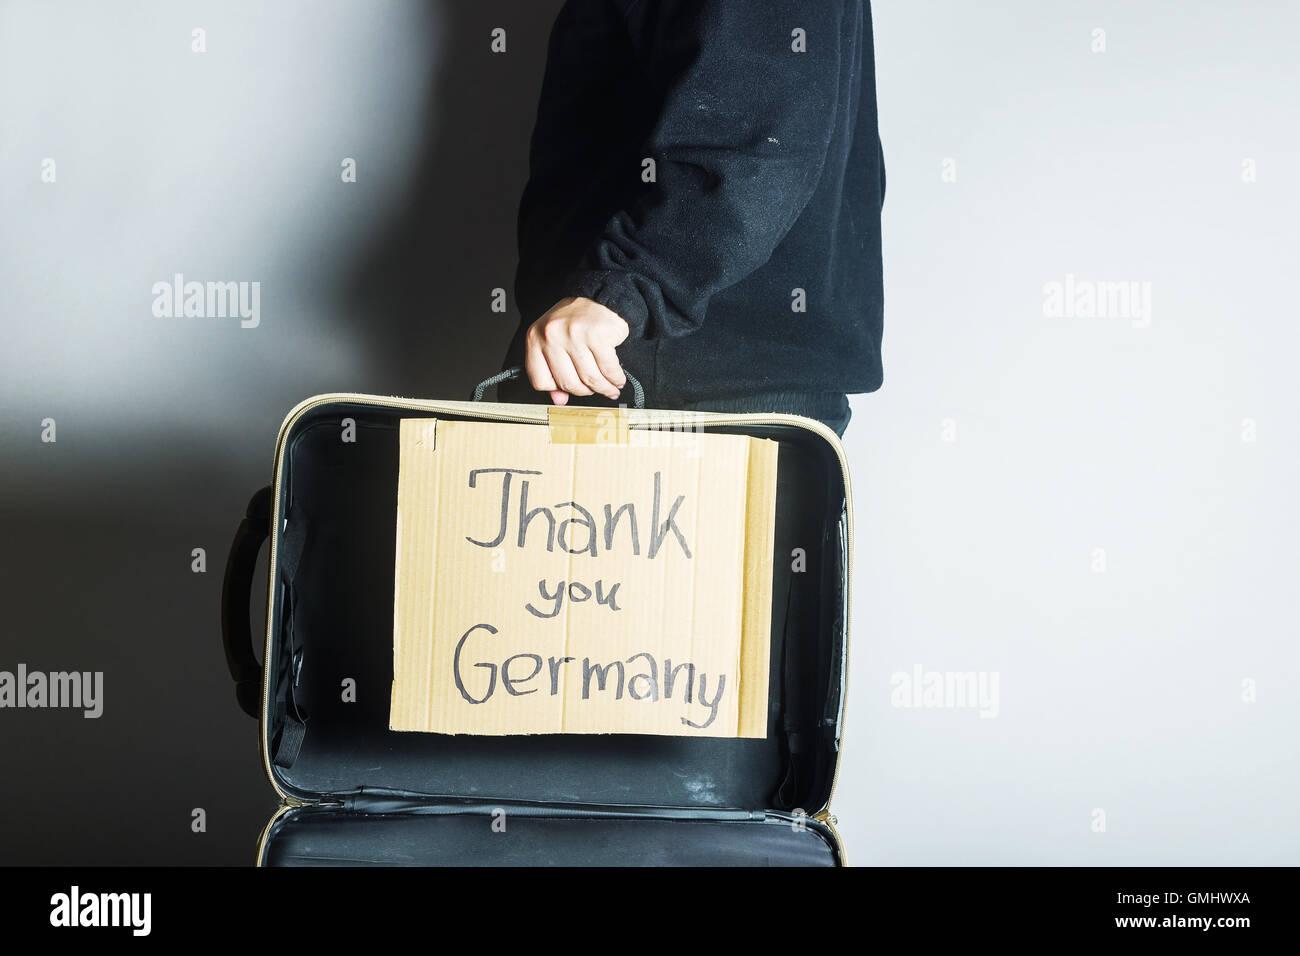 Valise ouverte avec des réfugiés message merci Allemagne sur carton Photo Stock